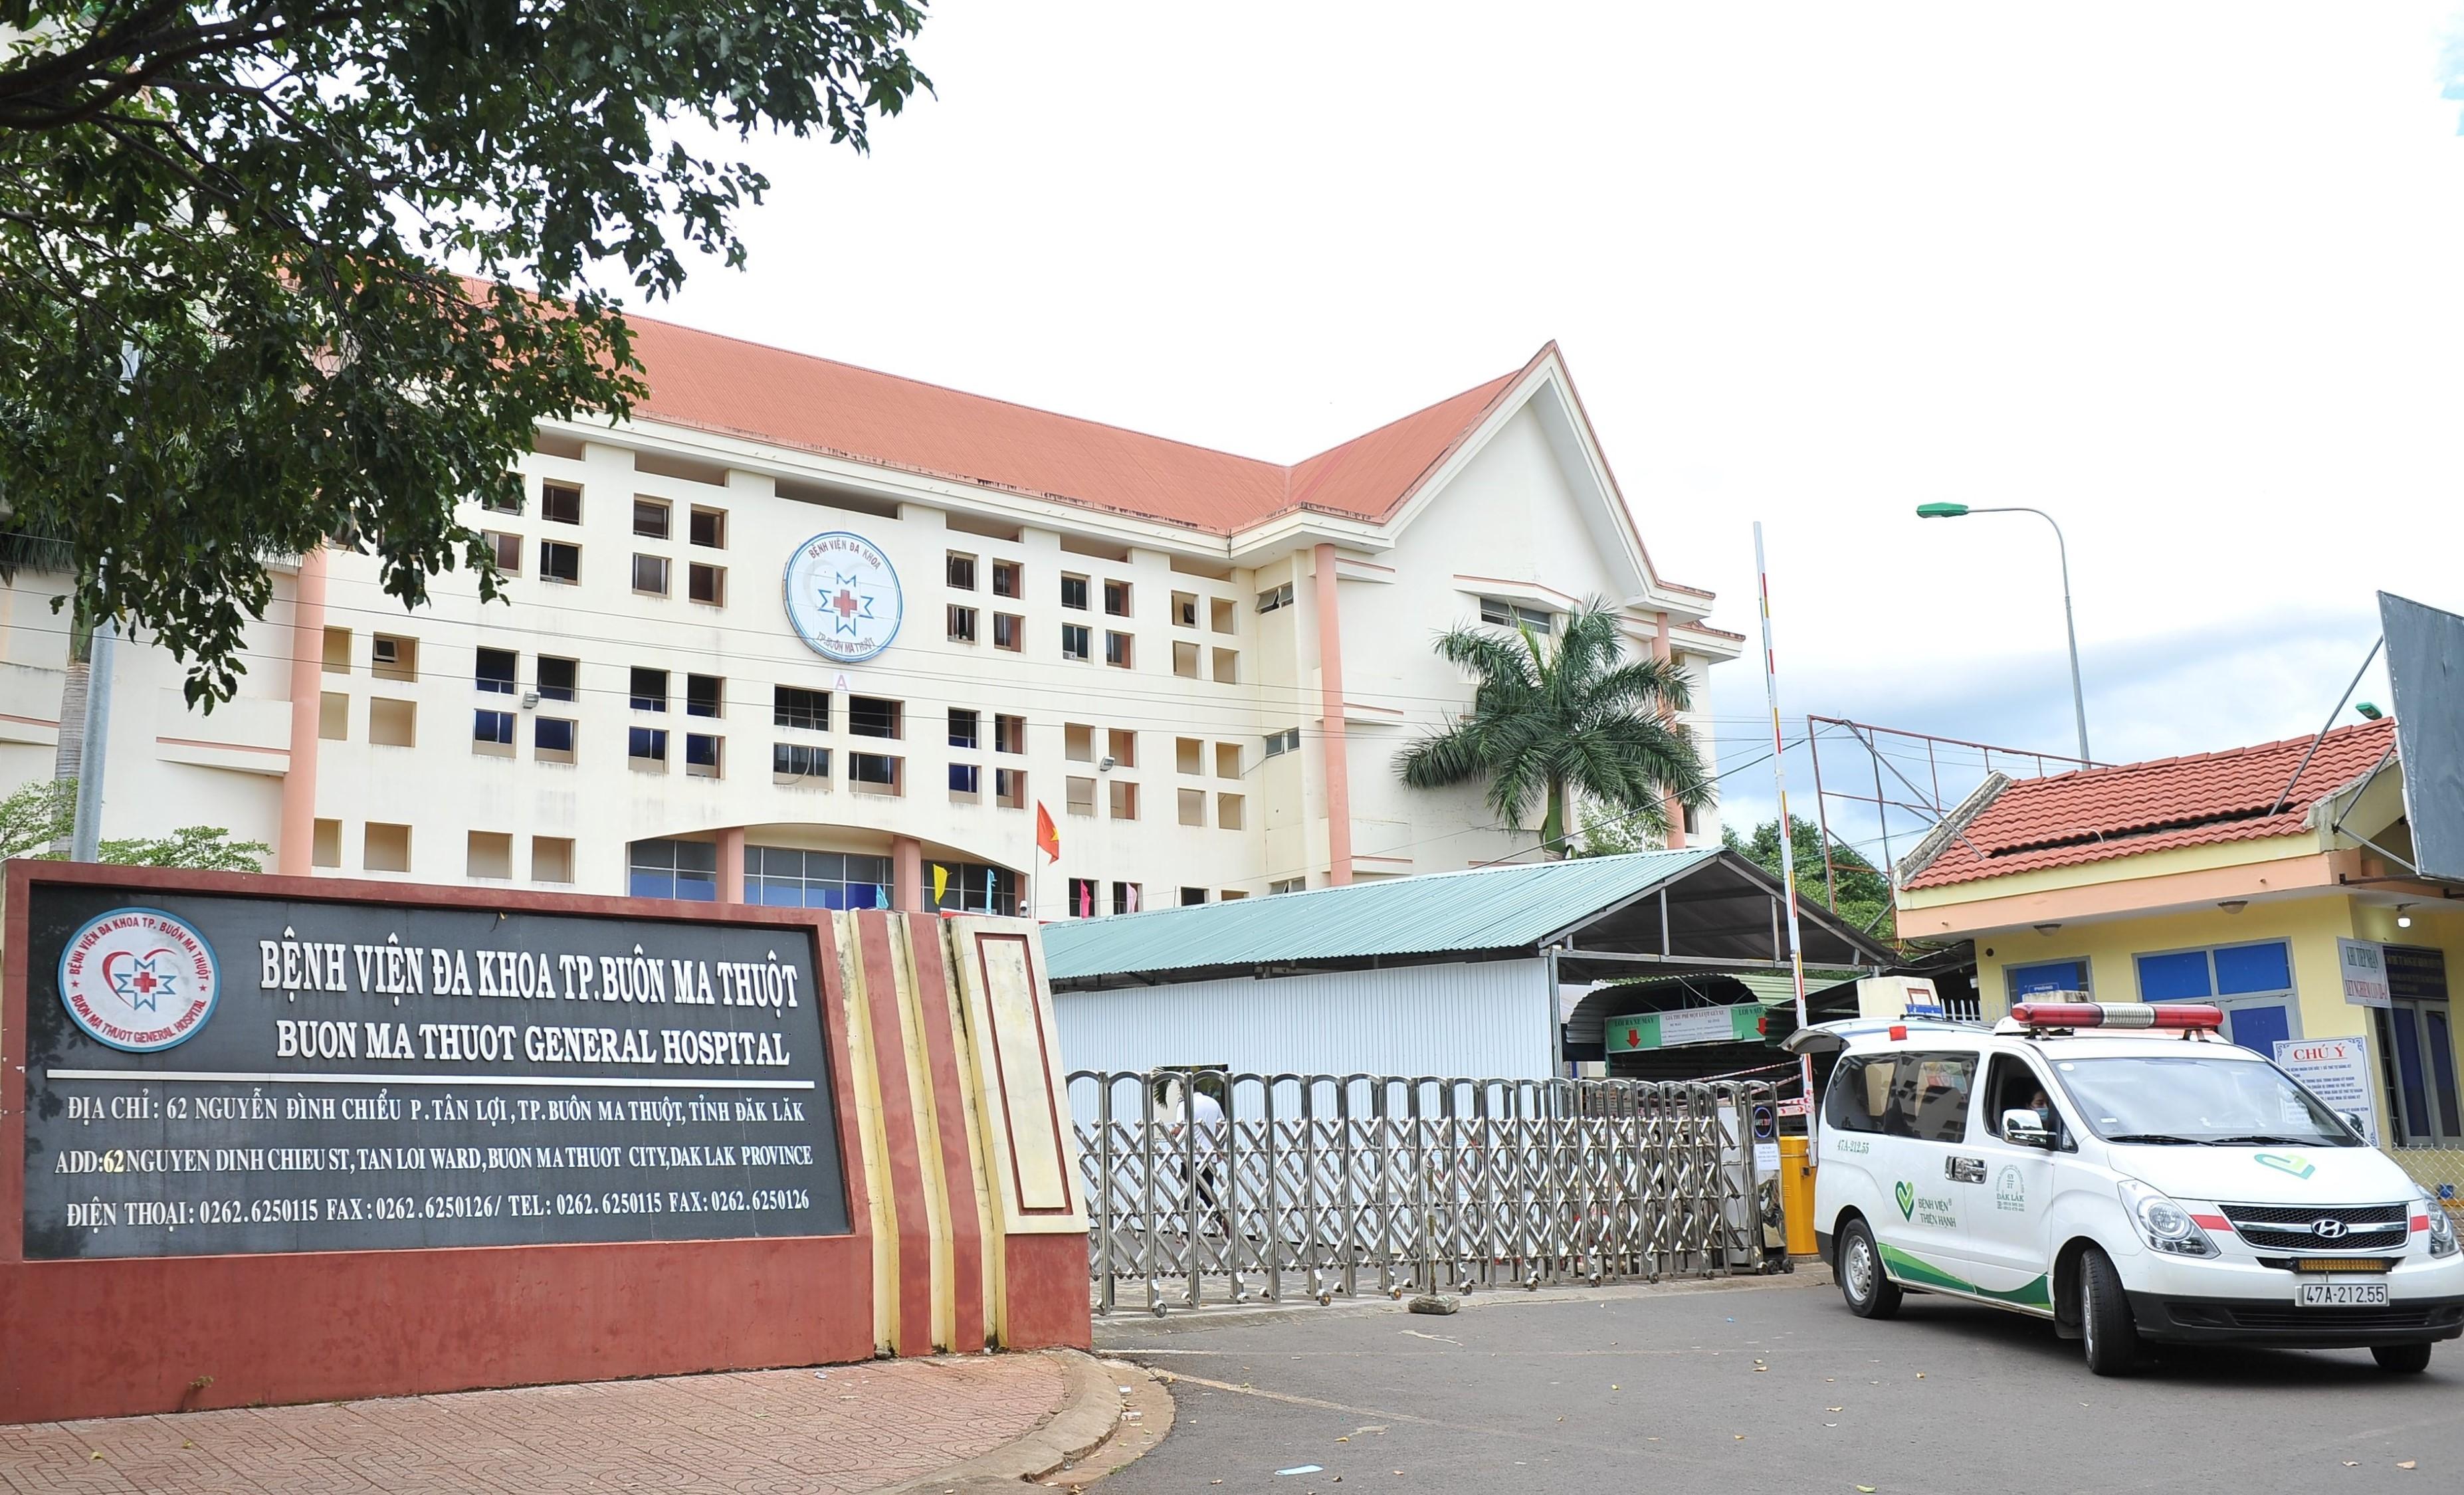 Tạm thời dừng hoạt động Bệnh viện Đa khoa TP. Buôn Ma Thuột do liên quan đến trường hợp test nhanh dương tính với SARS-CoV-2